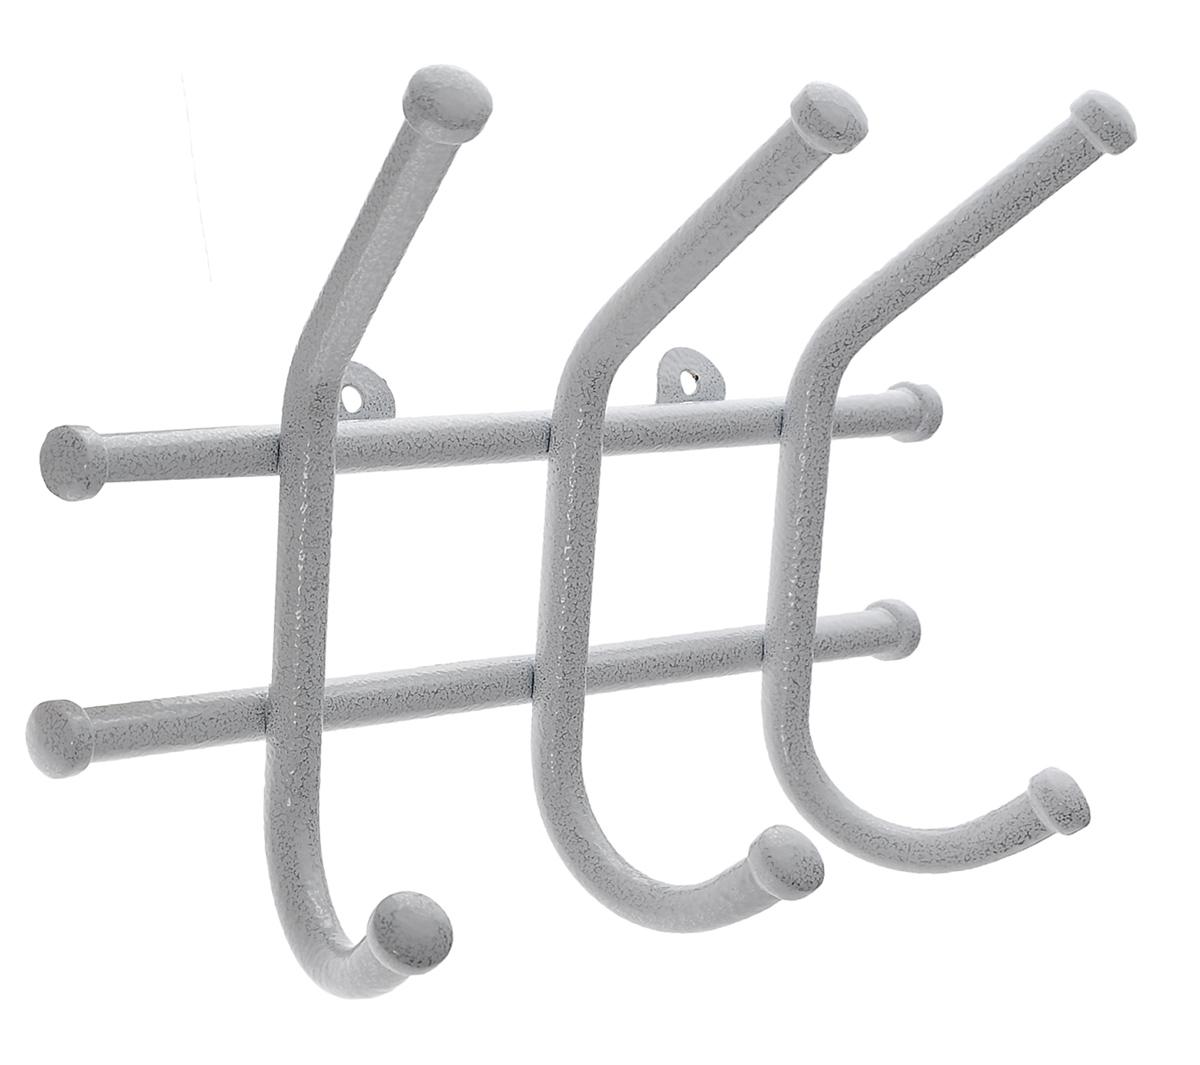 Вешалка настенная ЗМИ Норма 3, цвет: белый, 3 крючкаS03301004Настенная вешалка ЗМИ Норма 3 изготовлена из прочного металла с полимерным покрытием. Изделие оснащено 4 крючками для одежды. Вешалка крепится к стене при помощи двух шурупов (не входят в комплект).Вешалка ЗМИ Норма 3 идеально подходит для маленьких прихожих и ограниченных пространств.